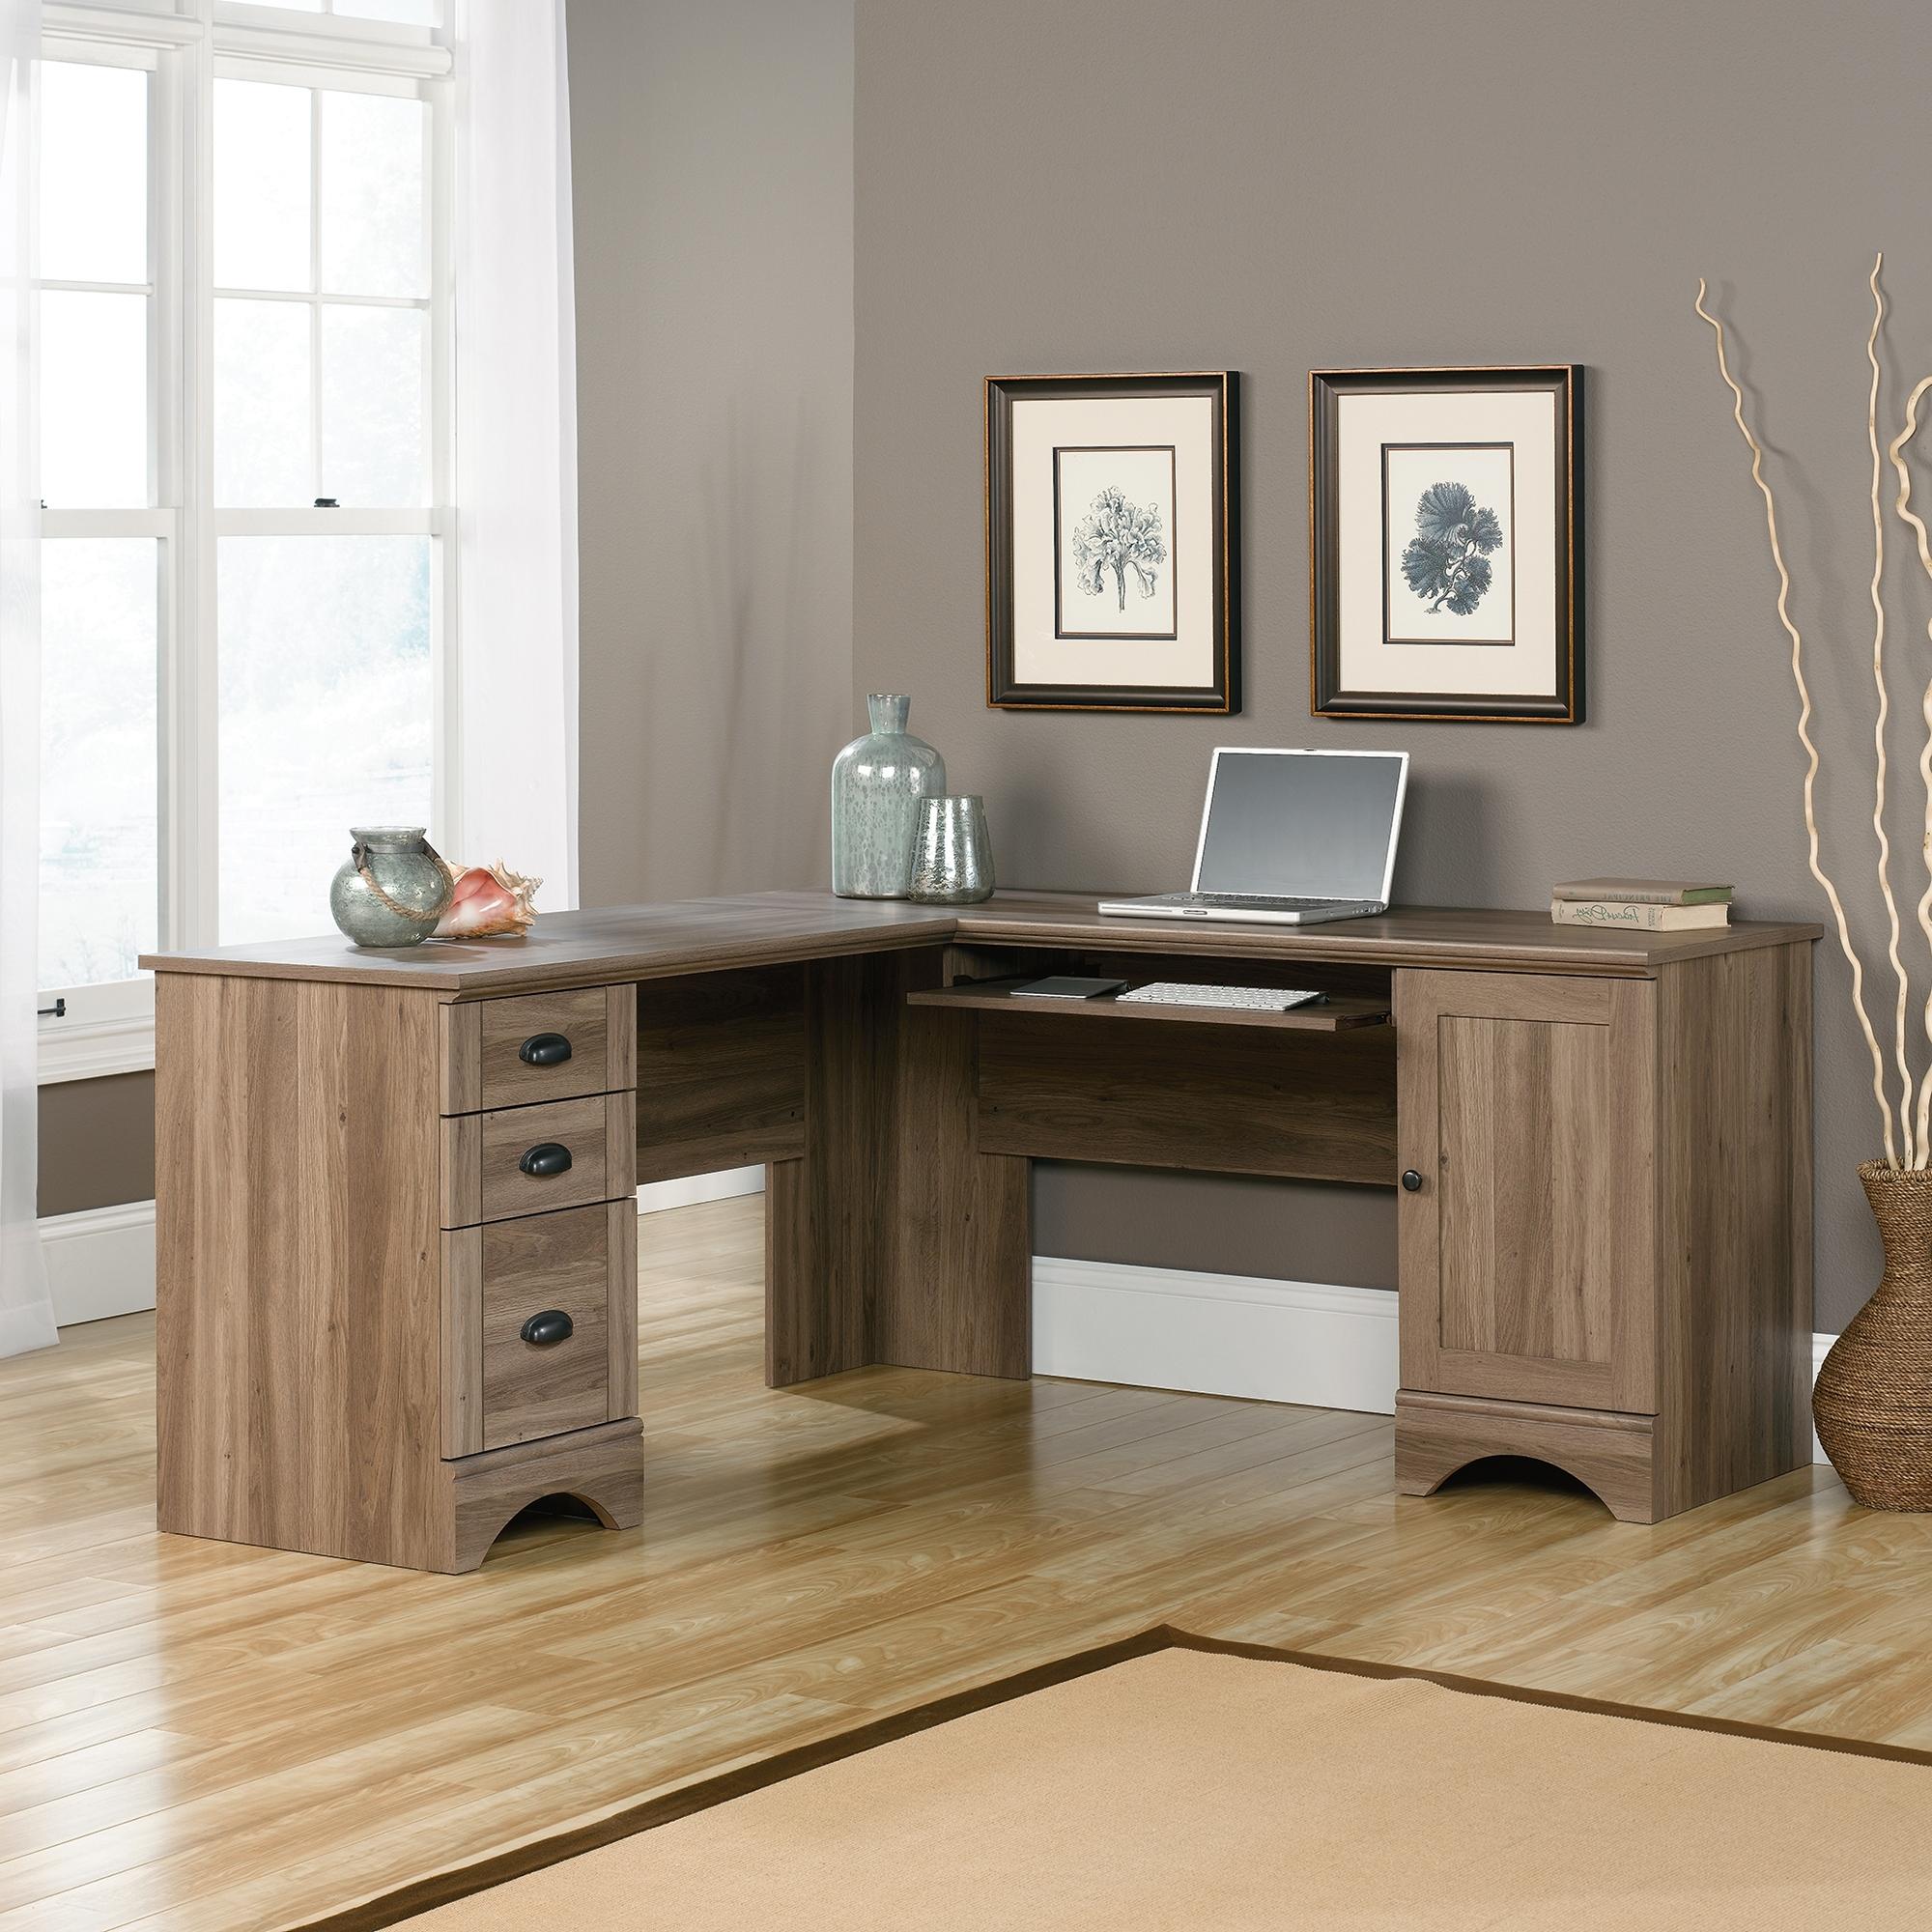 Corner Computer Desk (View 4 of 20)